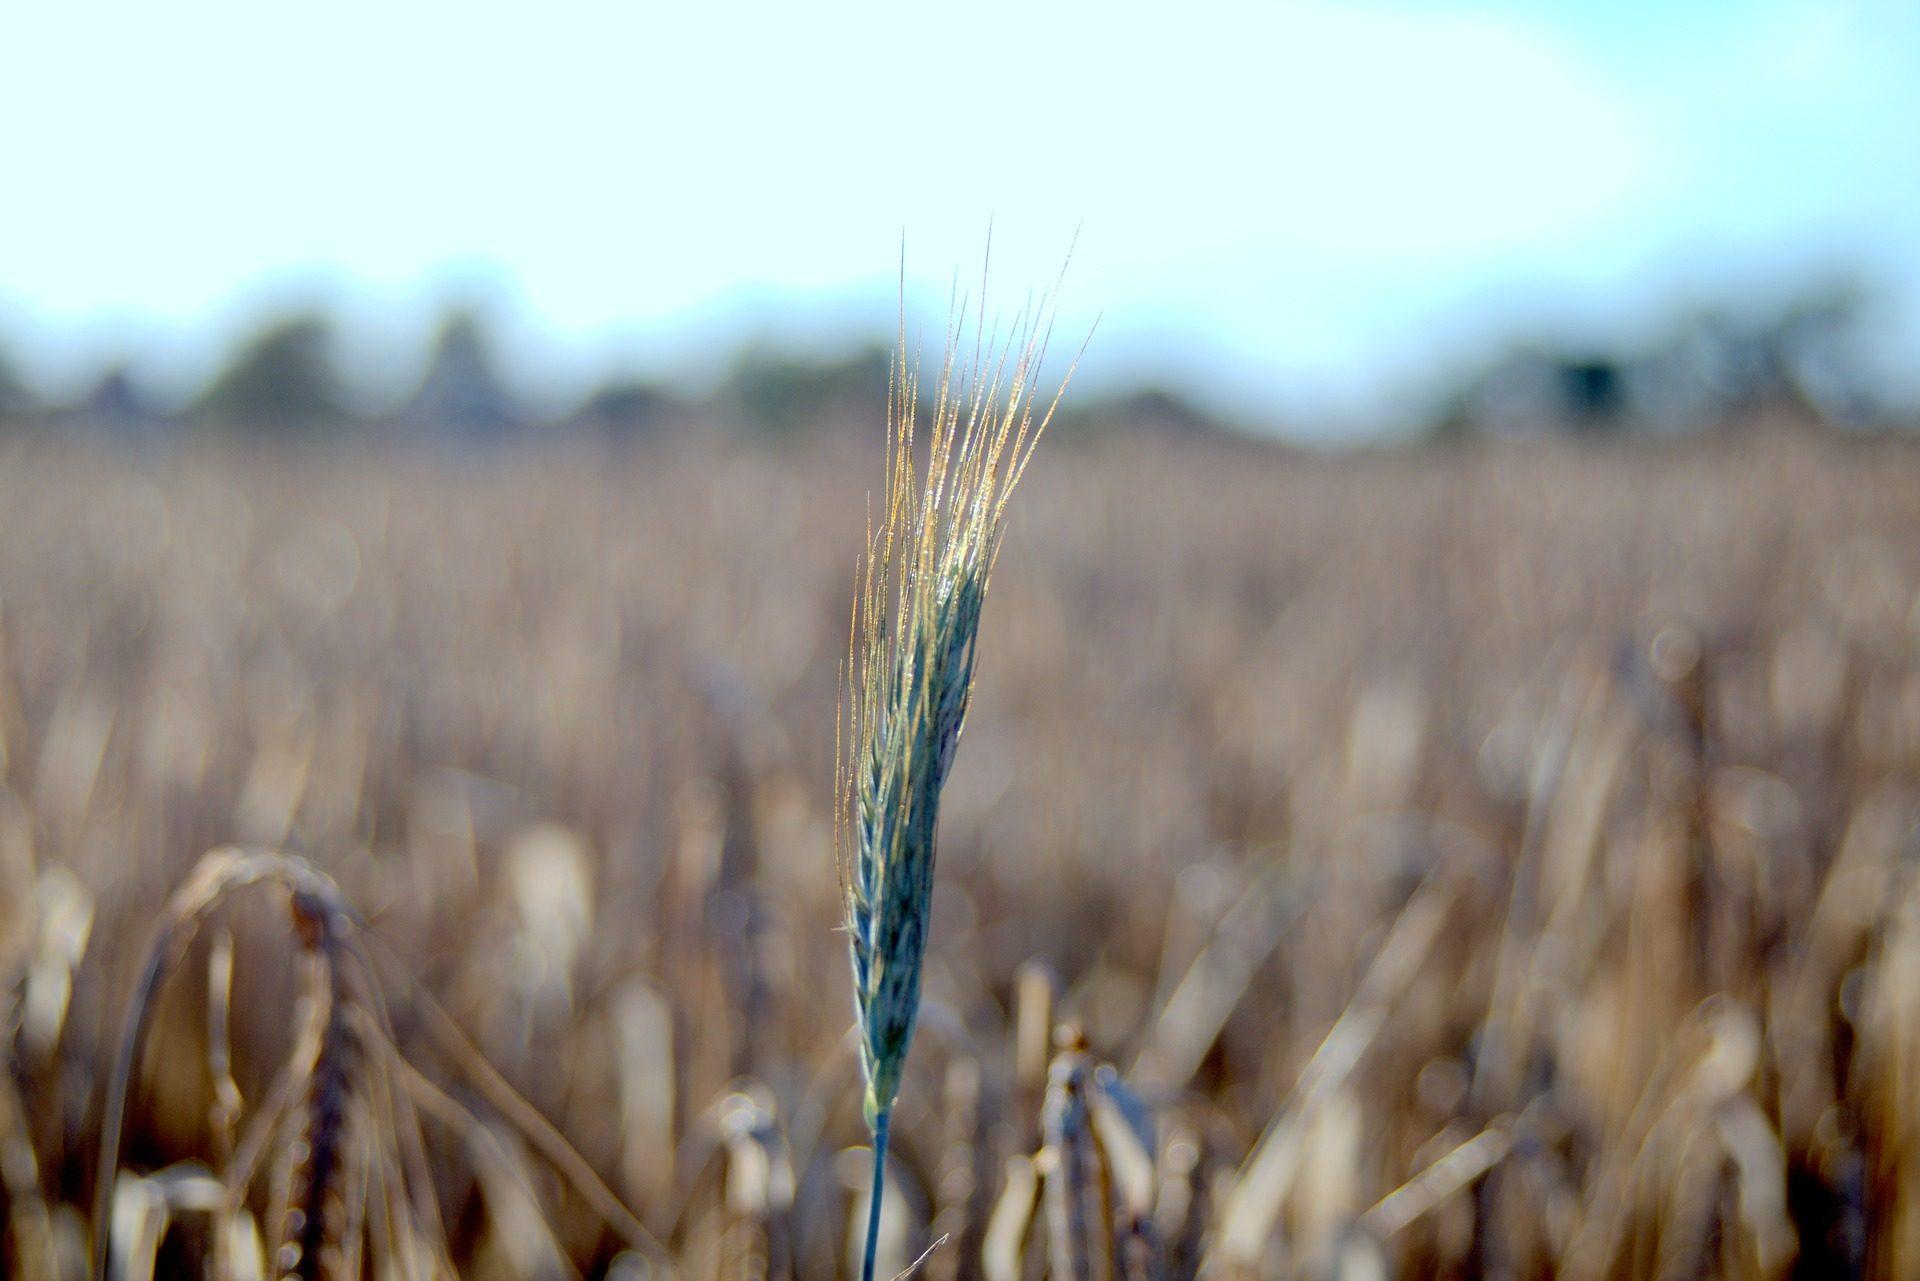 唐, 小麦, 人工林, 字段, 培养 - 高清壁纸 - 教授-falken.com